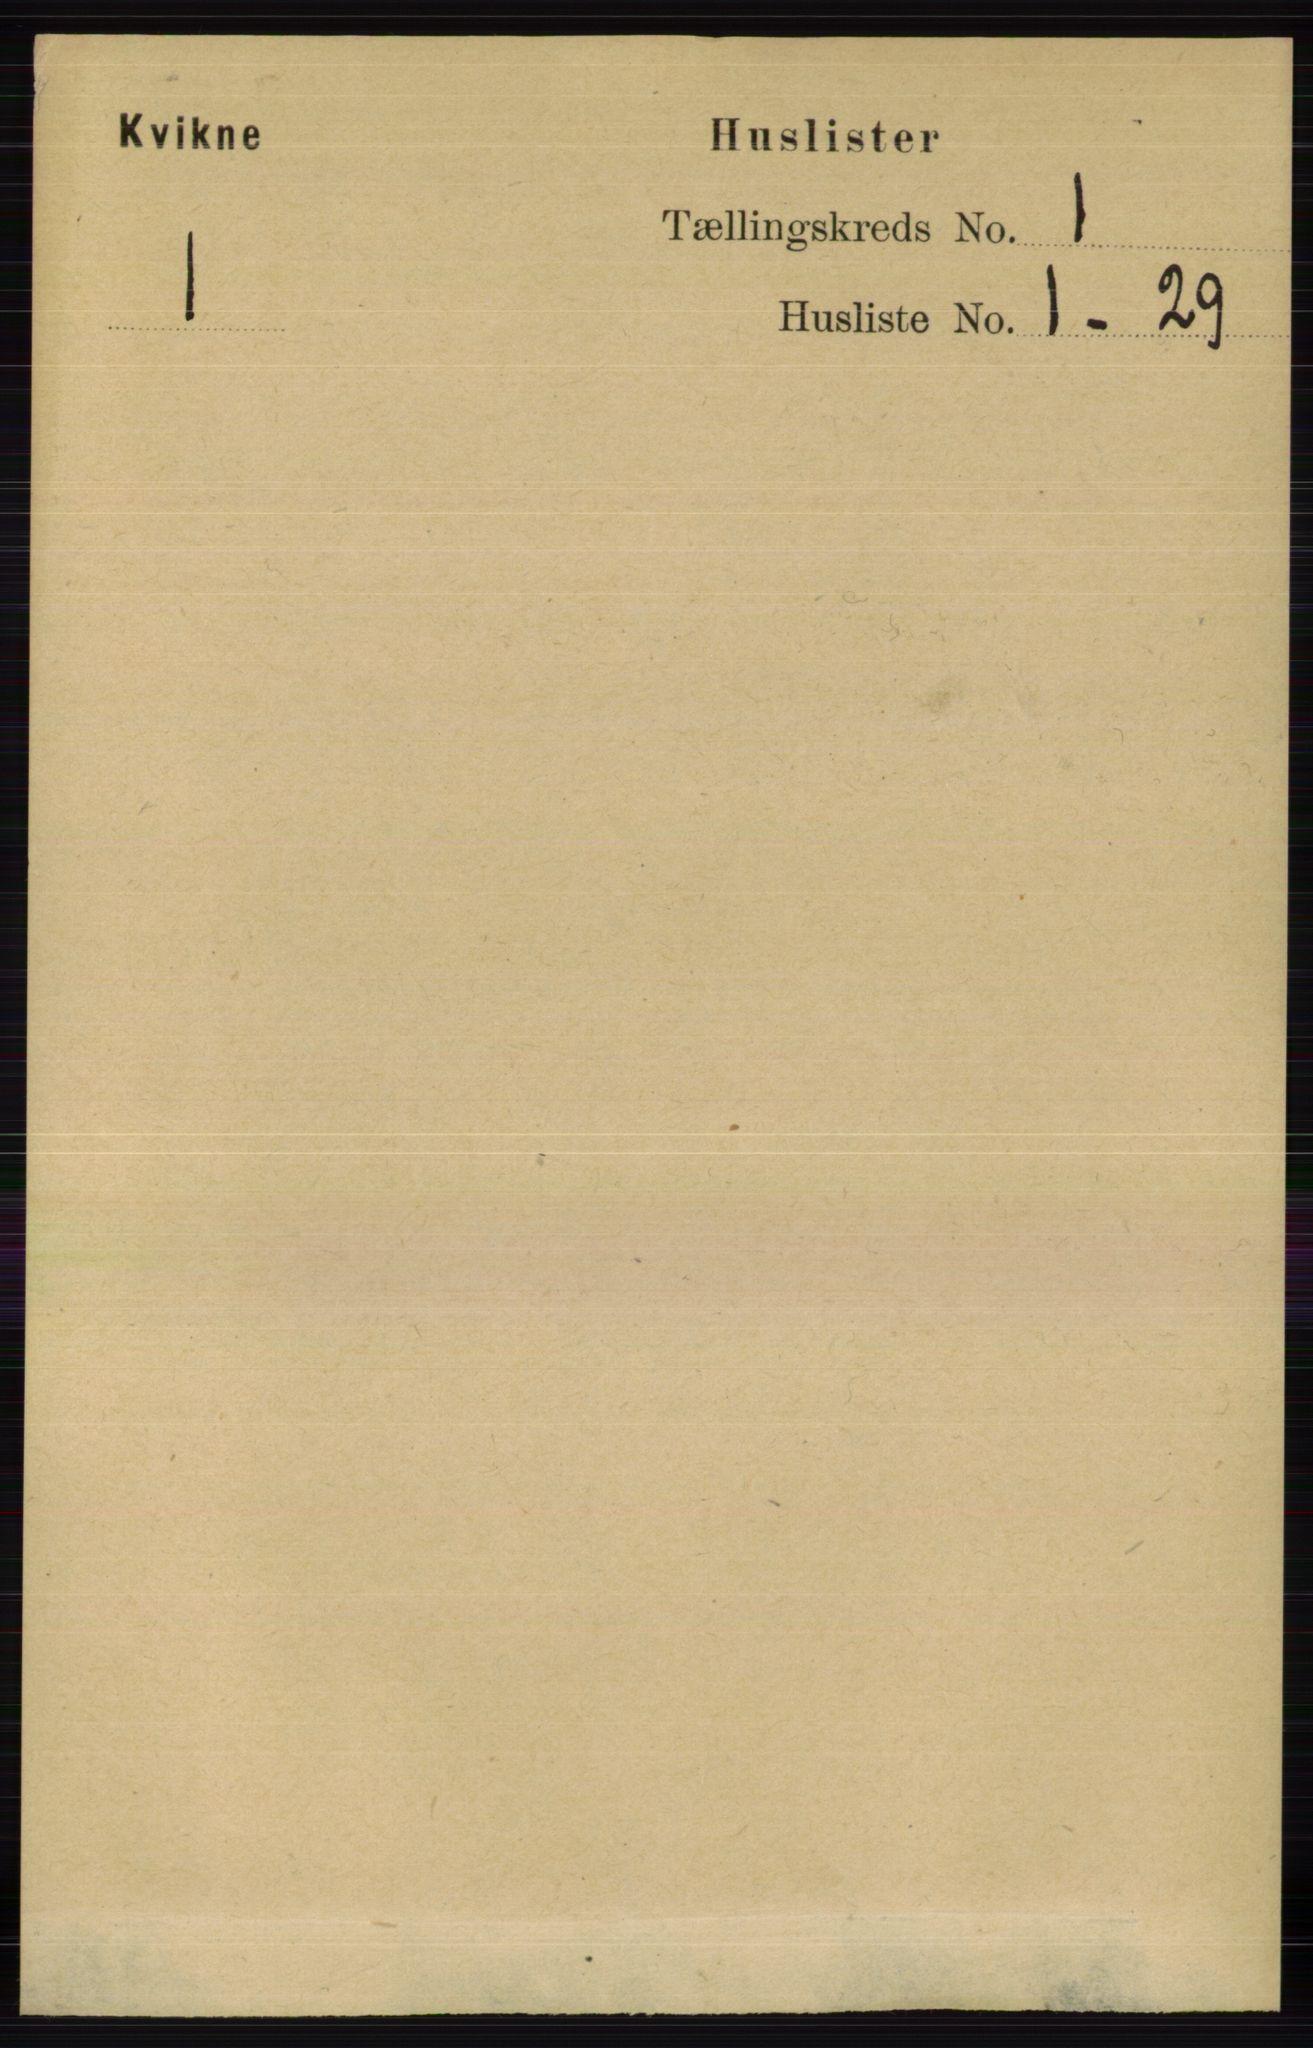 RA, Folketelling 1891 for 0440 Kvikne herred, 1891, s. 16